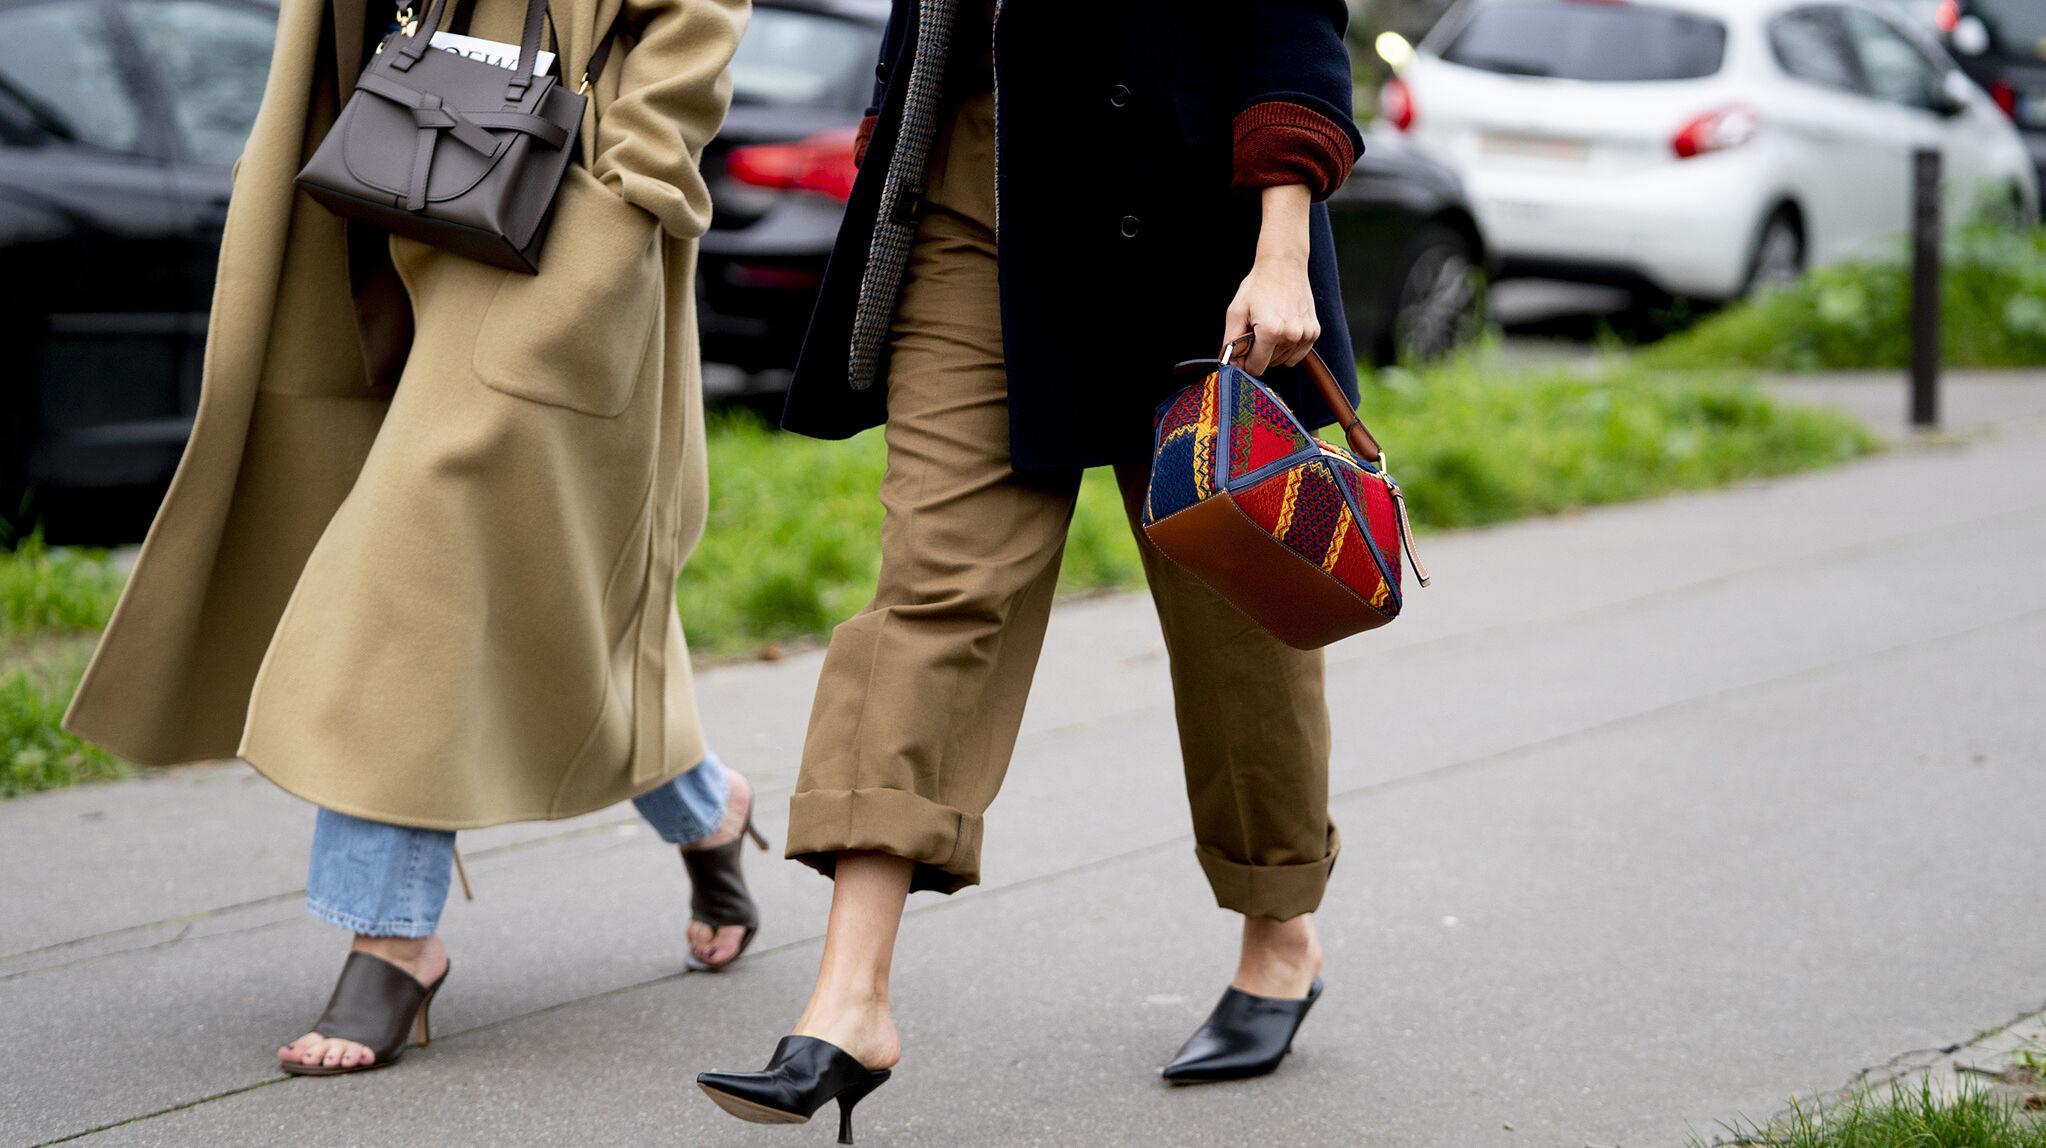 Te puede interesar: Las bailarinas de piel de Zara y otros zapatos tan cómodos que ni te acordarás de tus sneakers